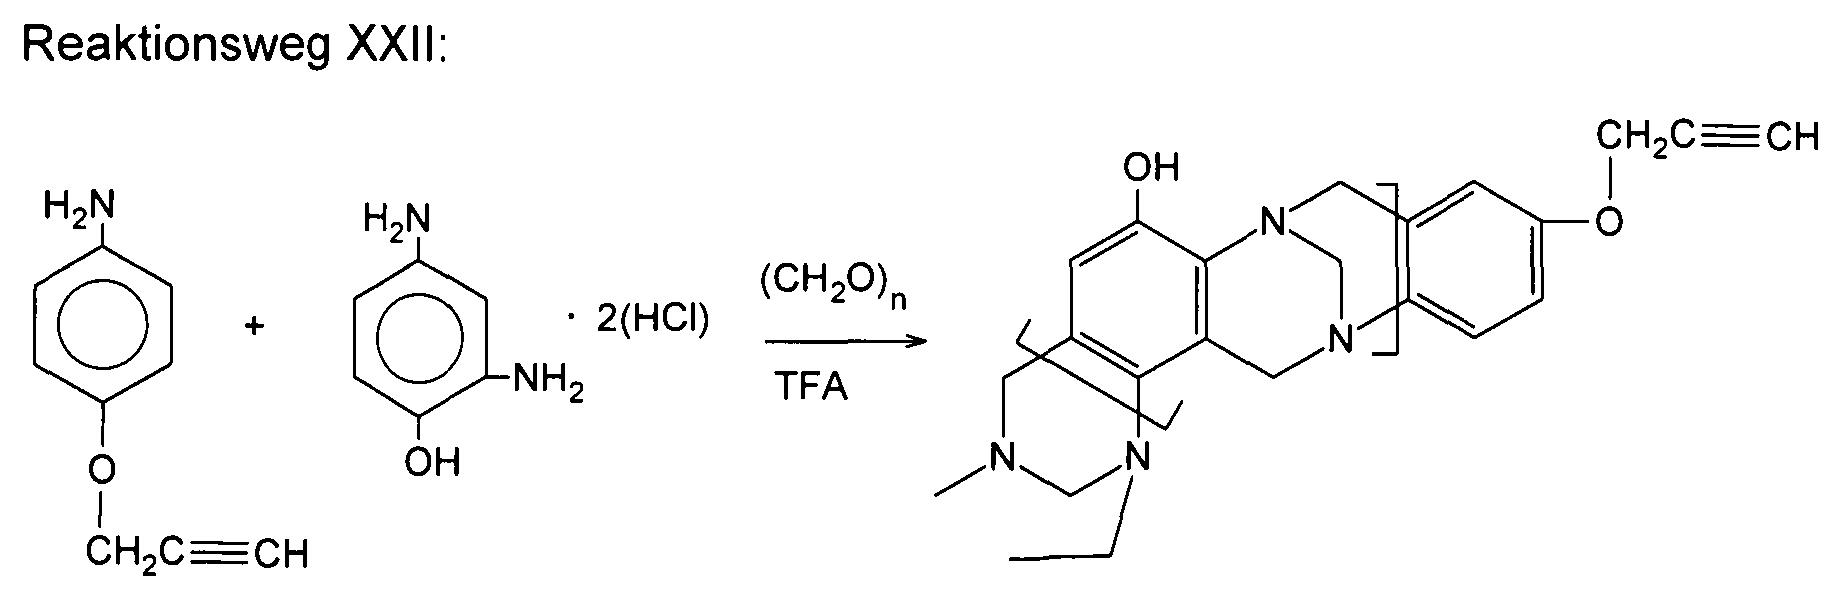 Figure DE112016005378T5_0057